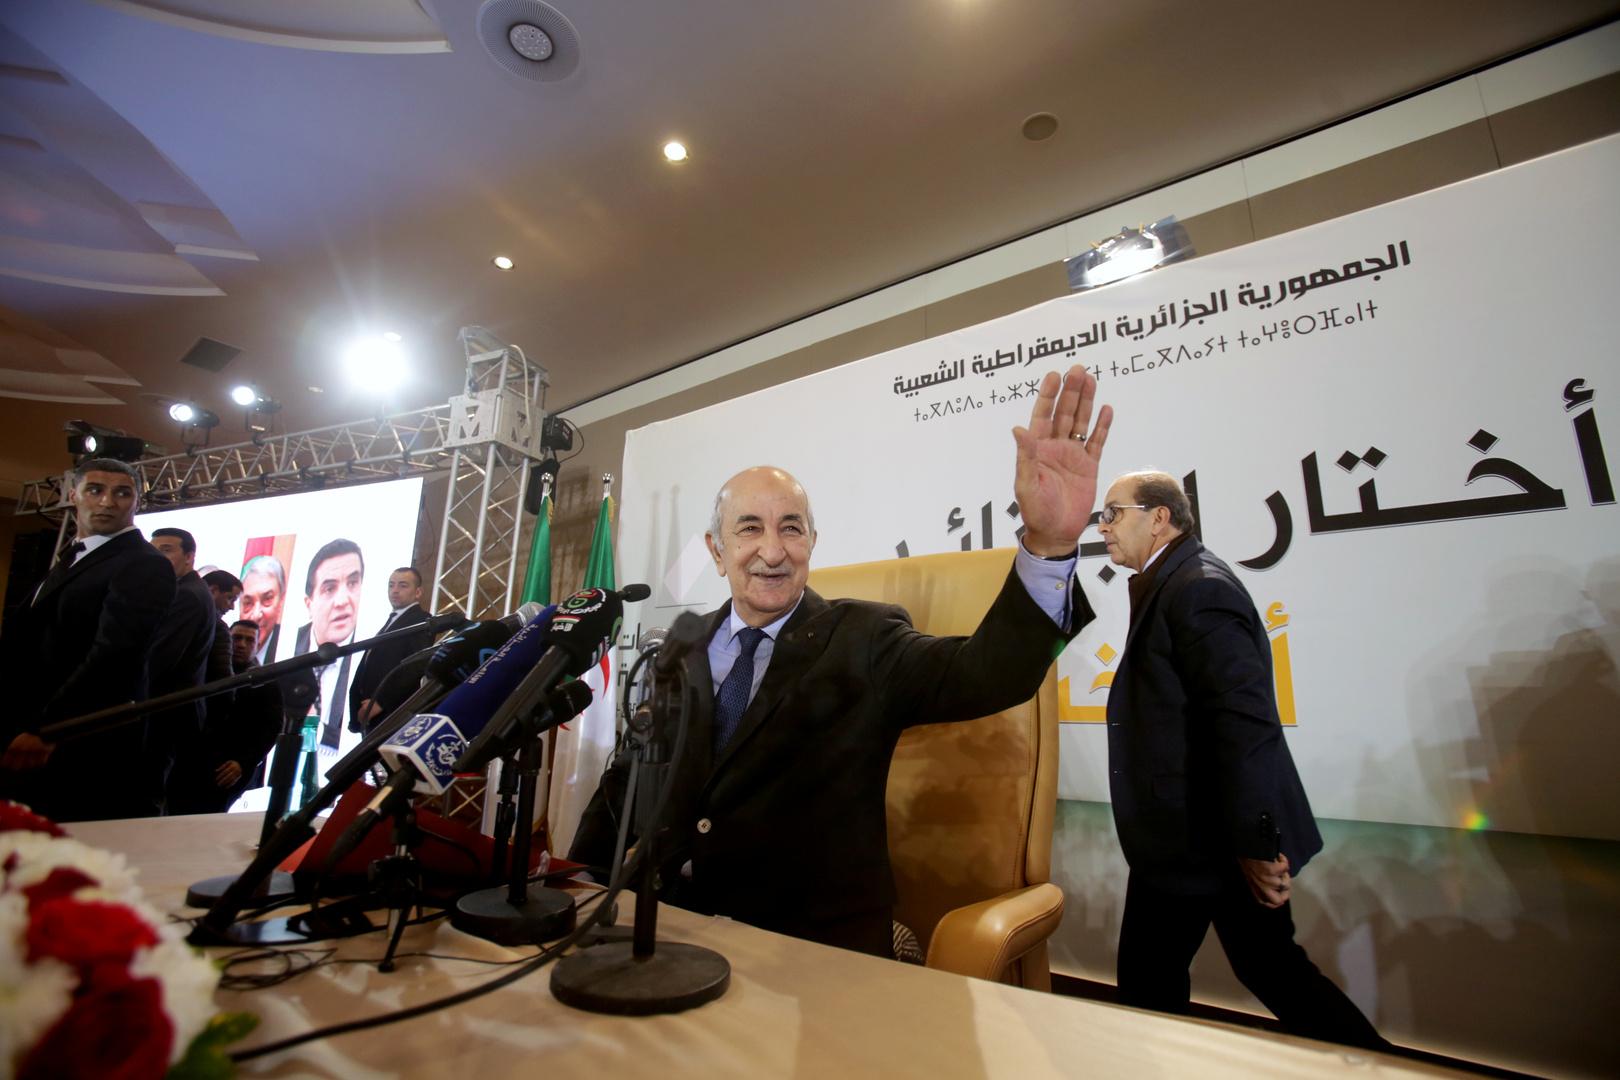 أكبر حزب إسلامي في الجزائر يتوخى الحذر تجاه تبون رغم الترحيب بخطابه